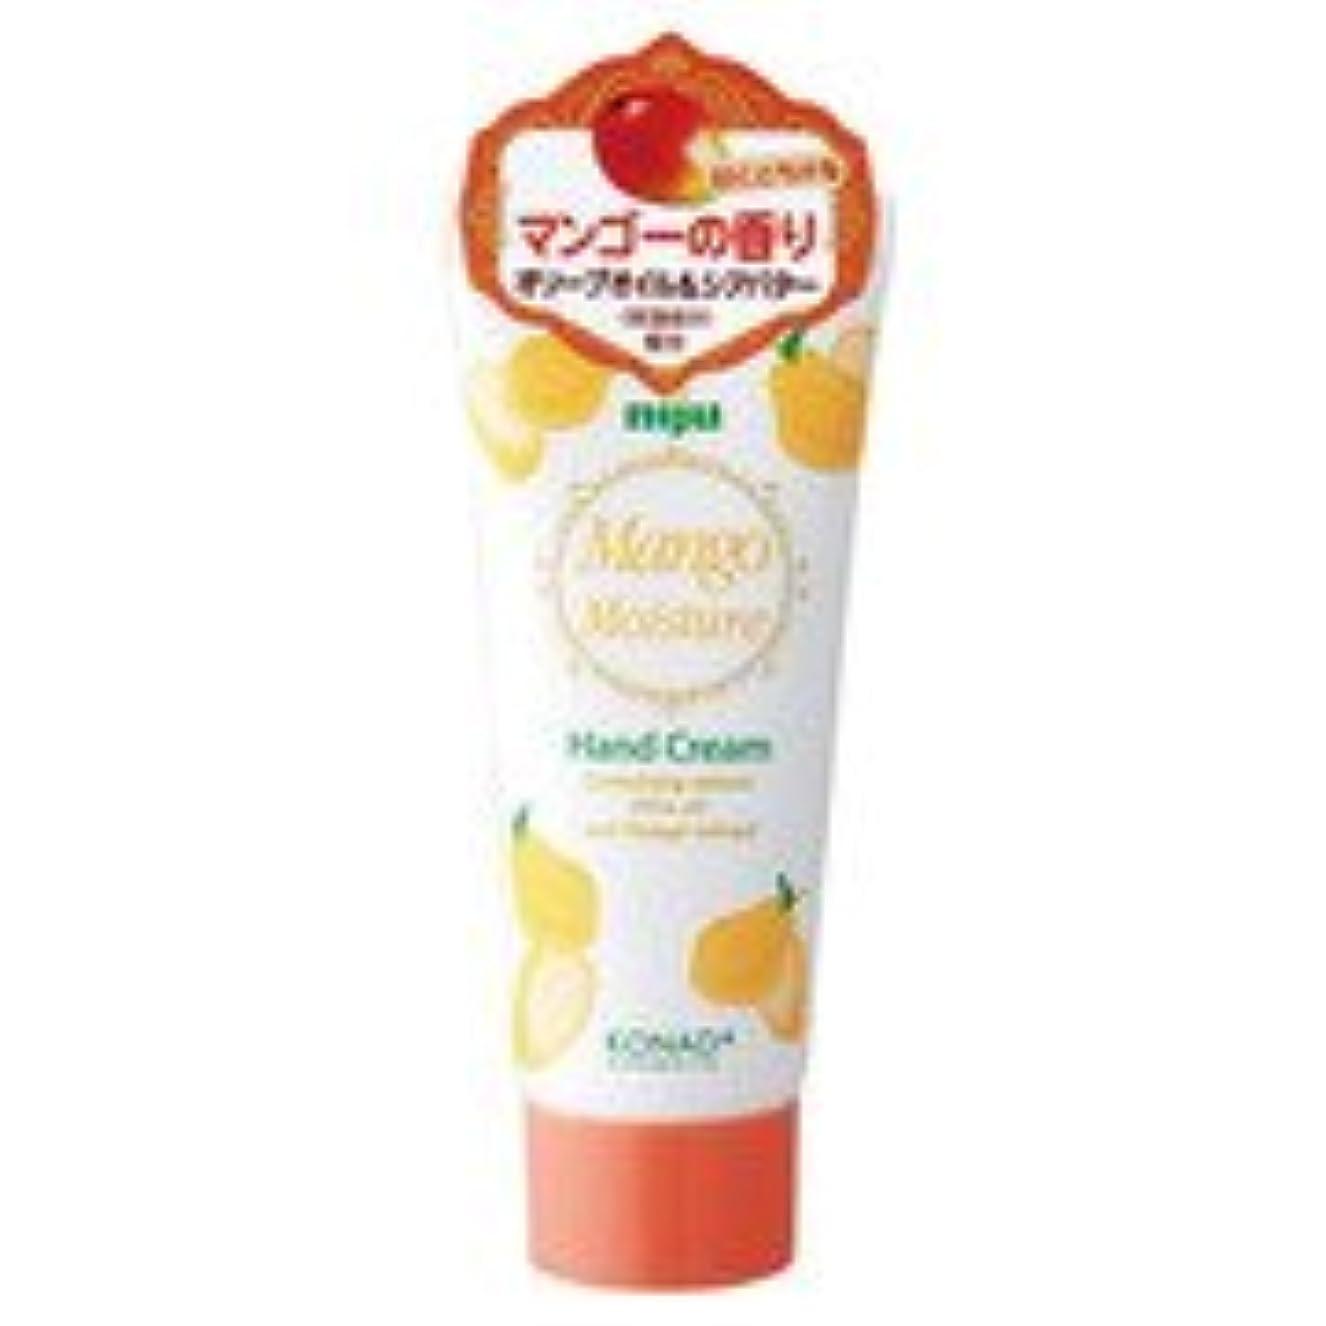 マット池送料niju(ニジュウ) モイスチャーハンドクリーム マンゴーの香り 60ml